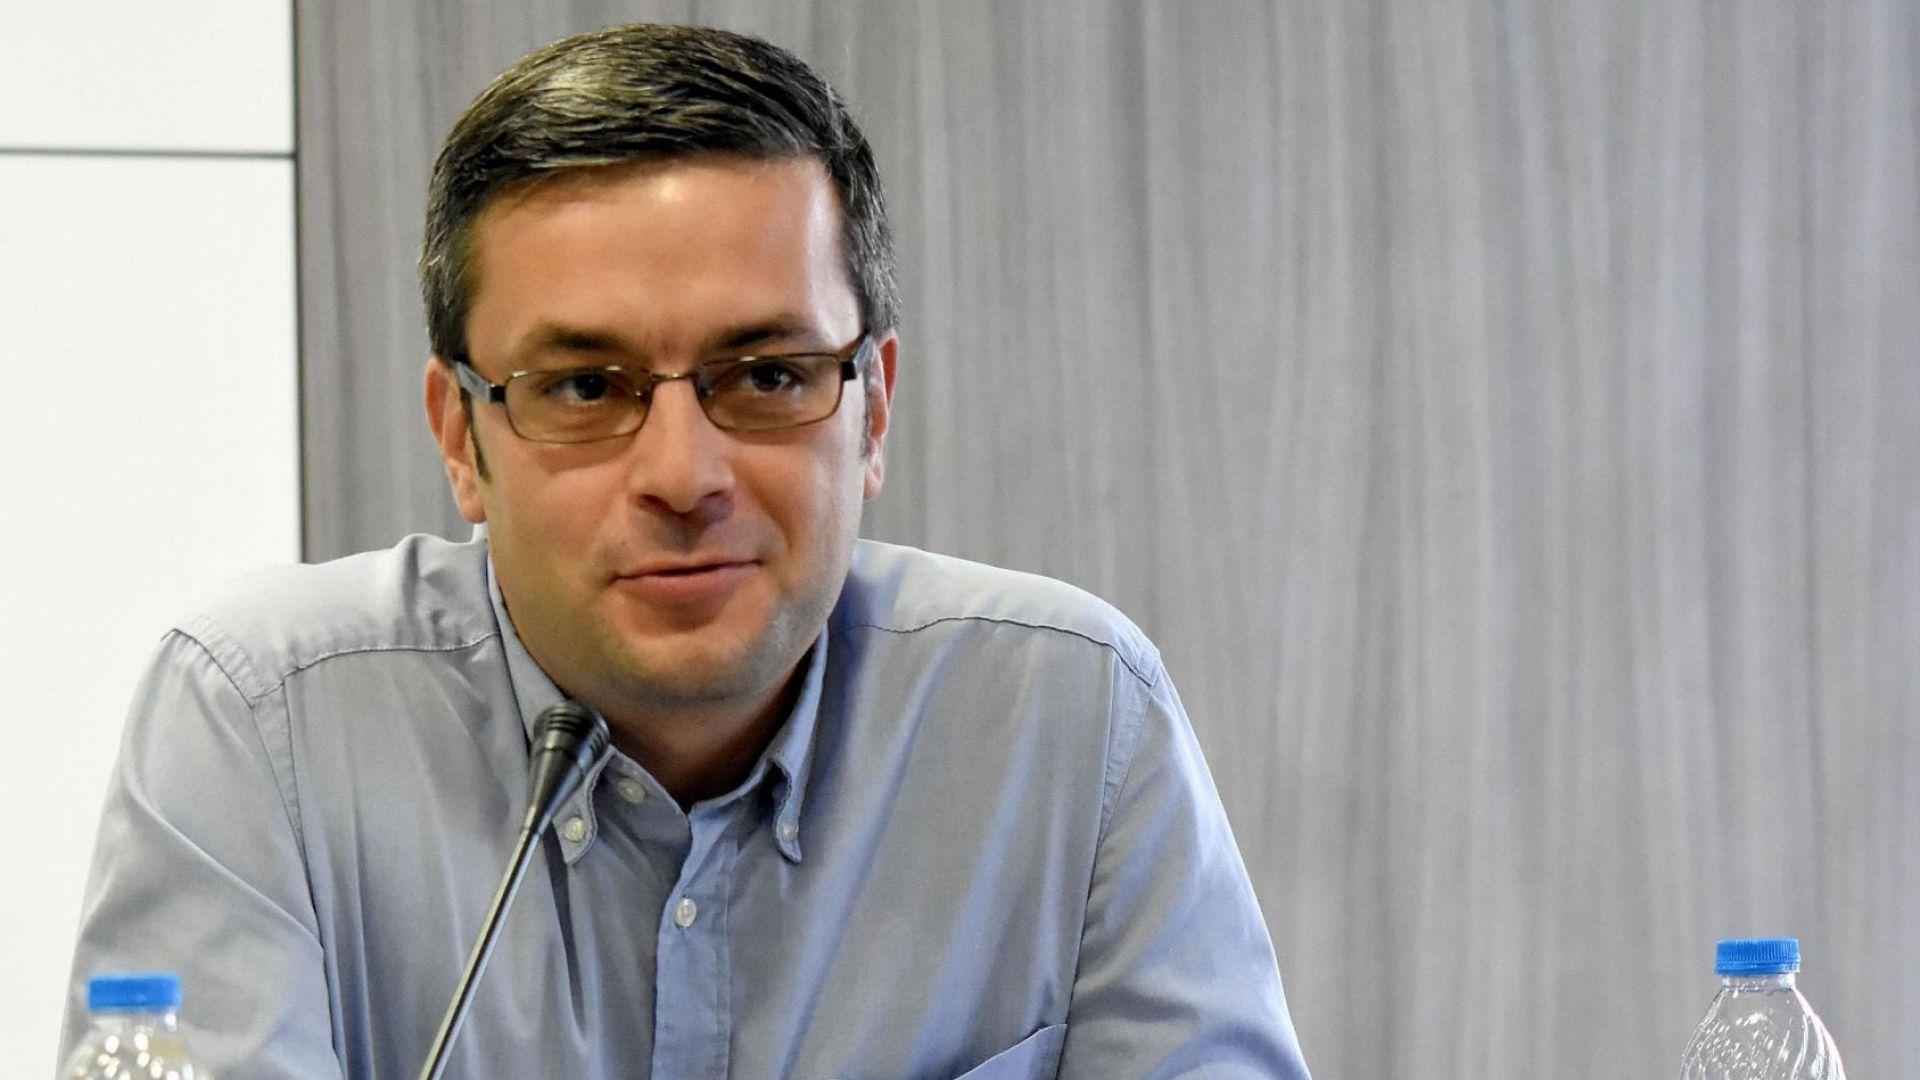 Тома Биков за датата на вота: Президентът явно е направил анализ и ще си носи отговорността